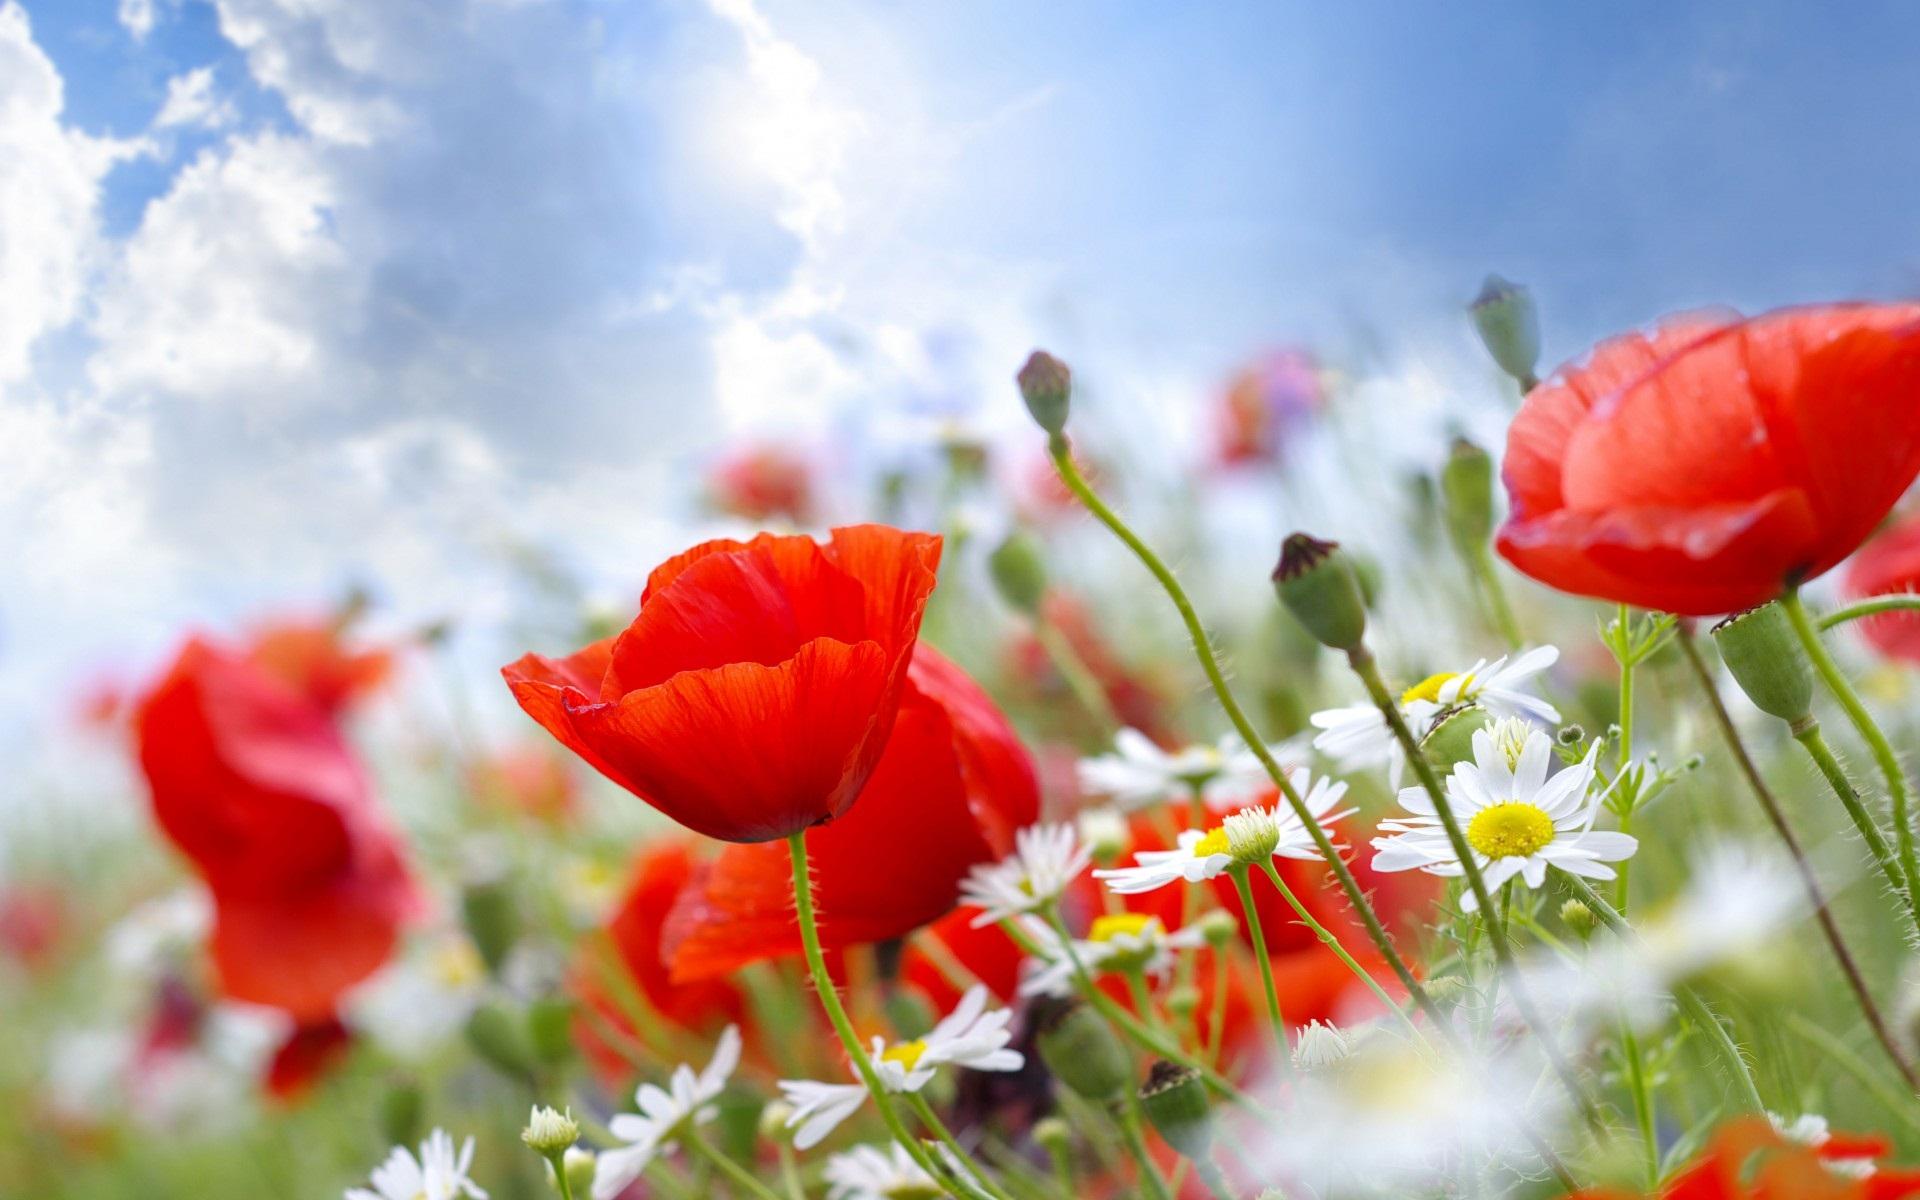 summer wallpaper hd flowers